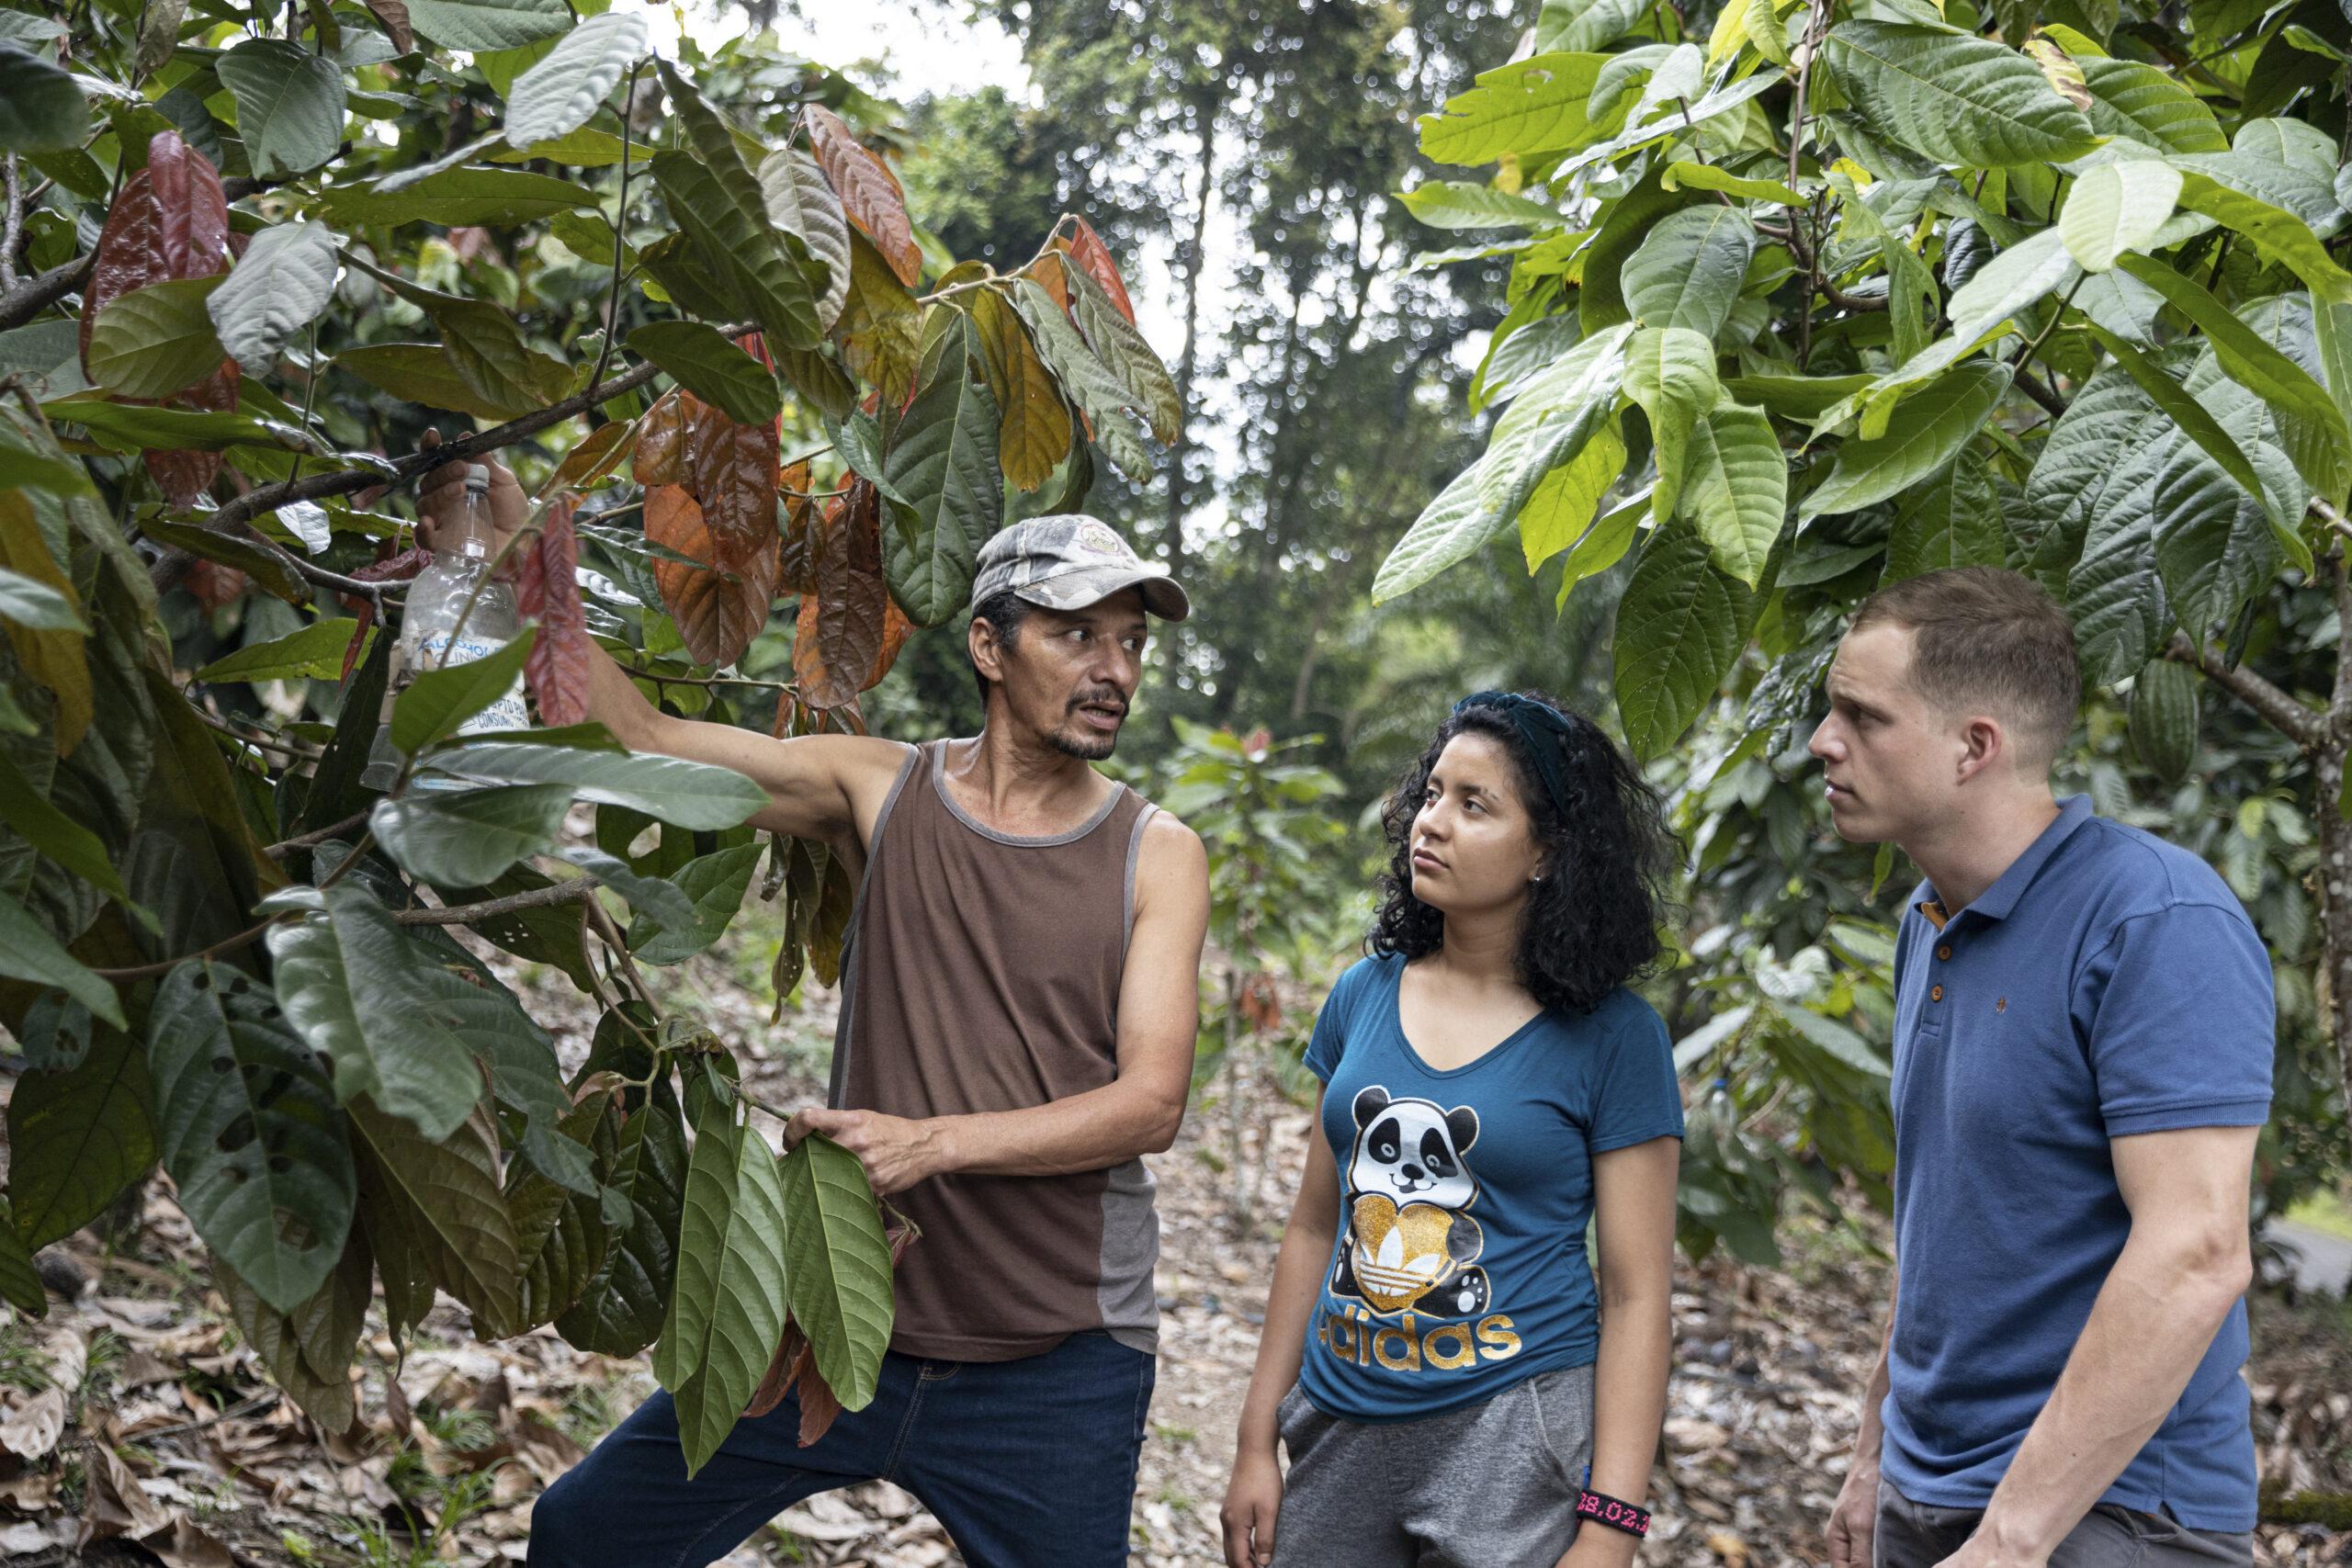 Sécheresses de plus en plus fréquentes, inondations et tempêtes dévastatrices : les familles qui pratiquent l'agriculture et l'élevage dans le nord du Nicaragua, sont gravement menacées par les effets du changement climatique. Ludovic Schorno, agronome et coopérant de Comundo, les aide à développer de nouvelles perspectives et à sécuriser leur alimentation. Ici : La jeune agricultrice Nayeli Larios et son père dans leur ferme de Rancho Grande, avec Ludovic Schorno. Photo : Comundo/Kuba Okon.